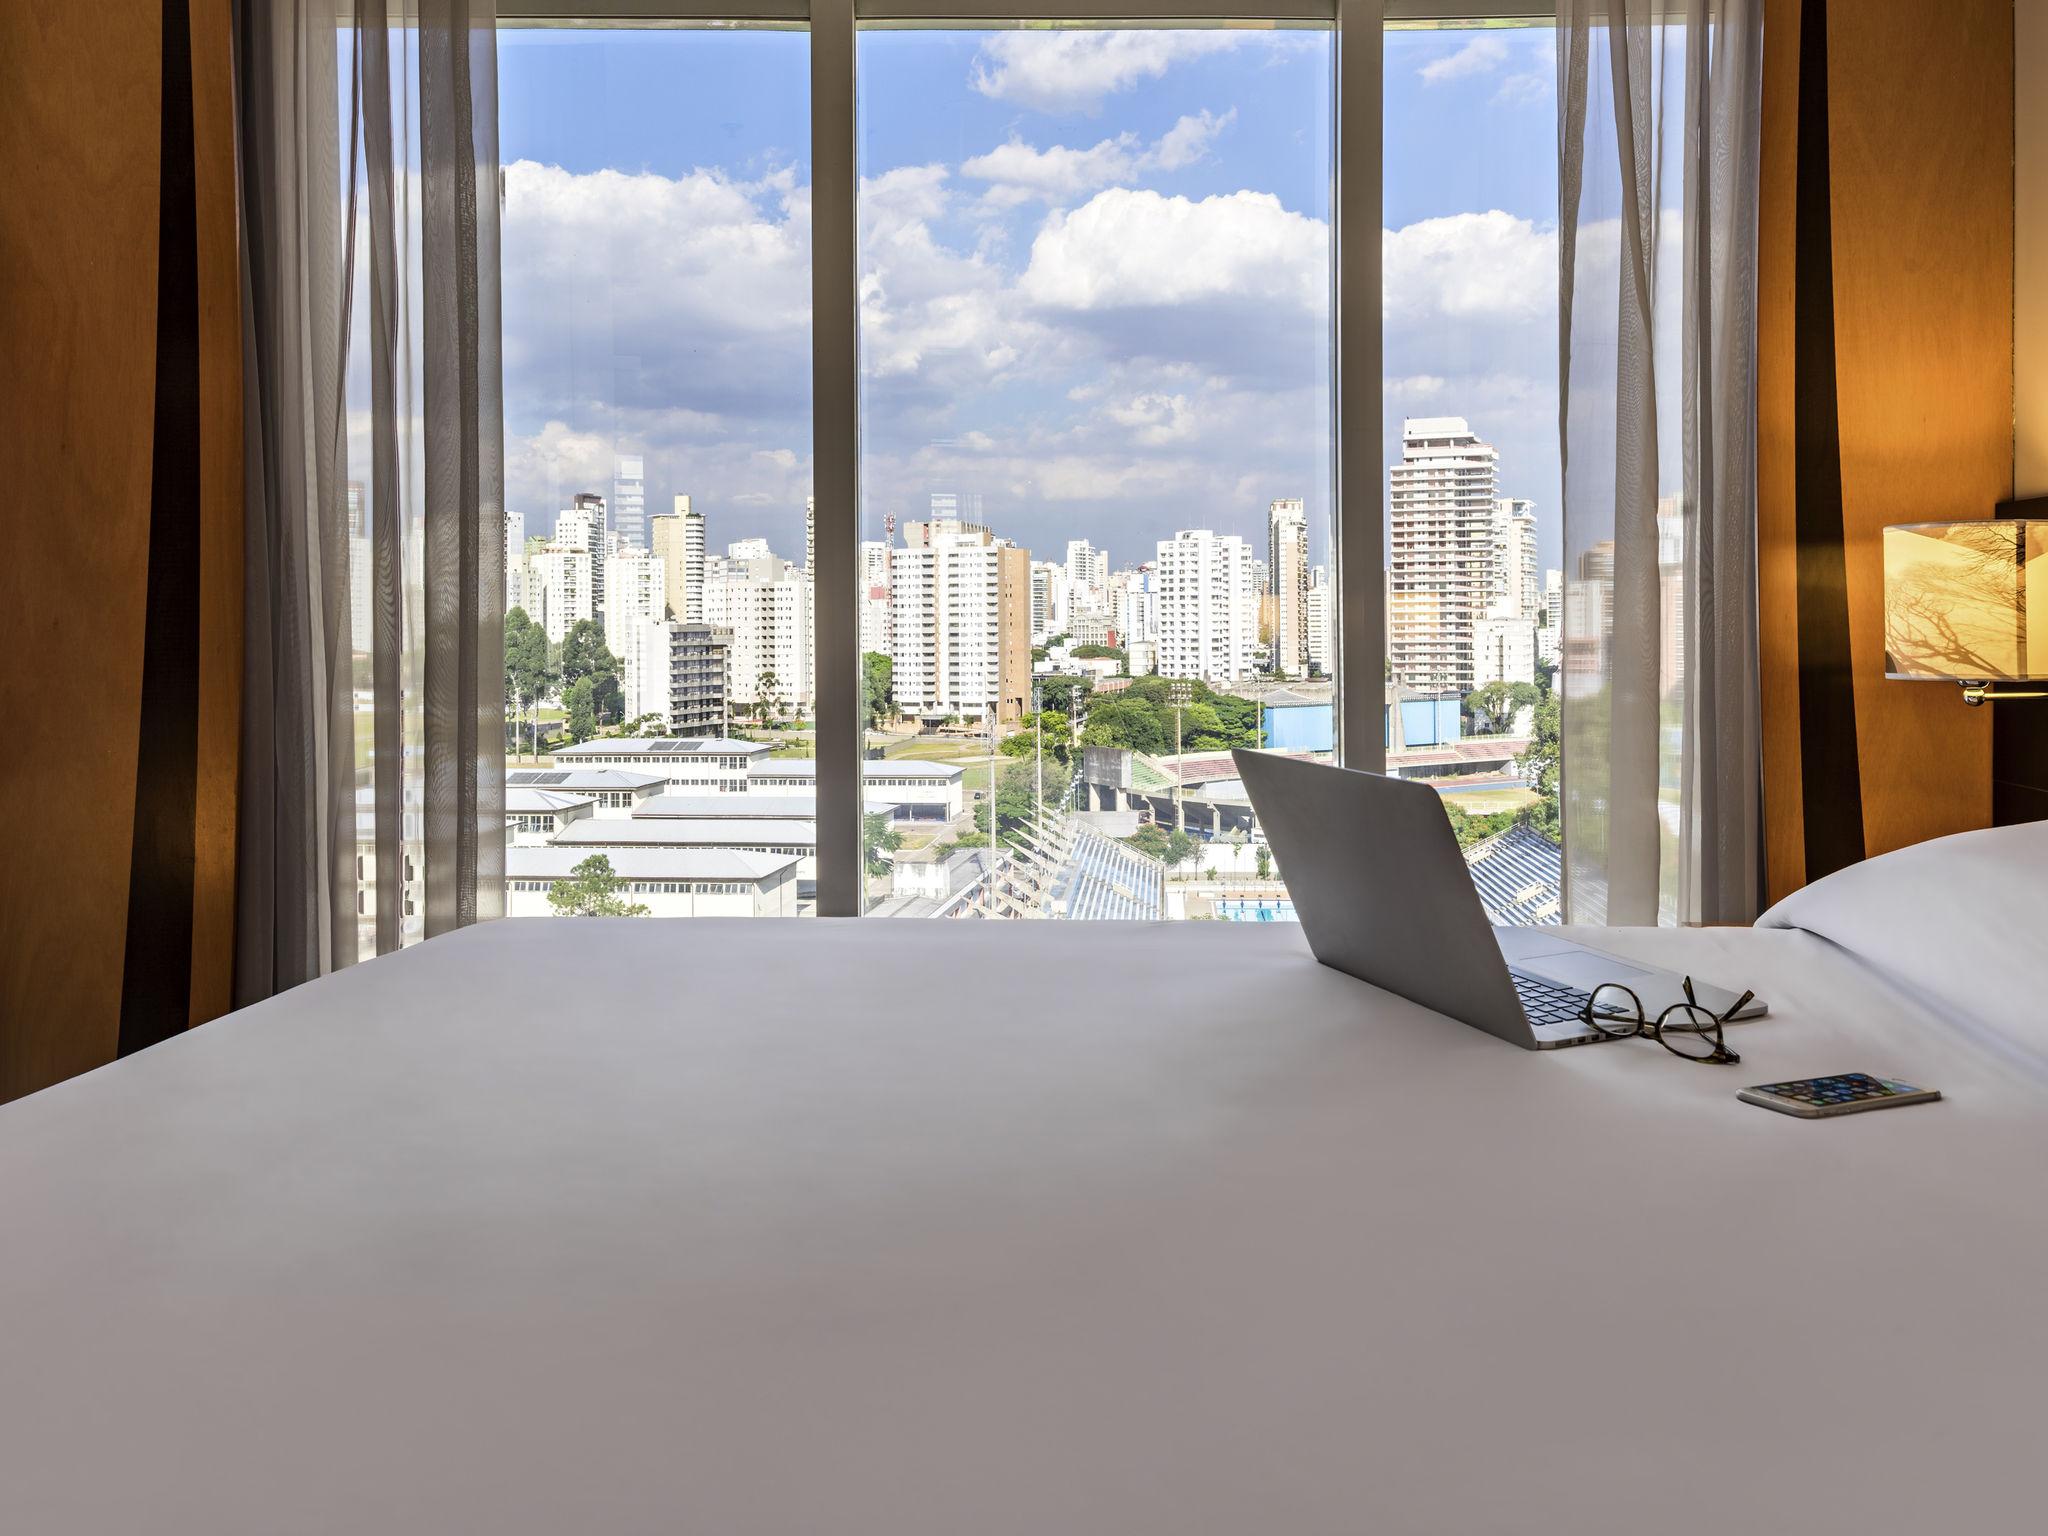 Hotel - Mercure Sao Paulo Ginasio Ibirapuera Hotel